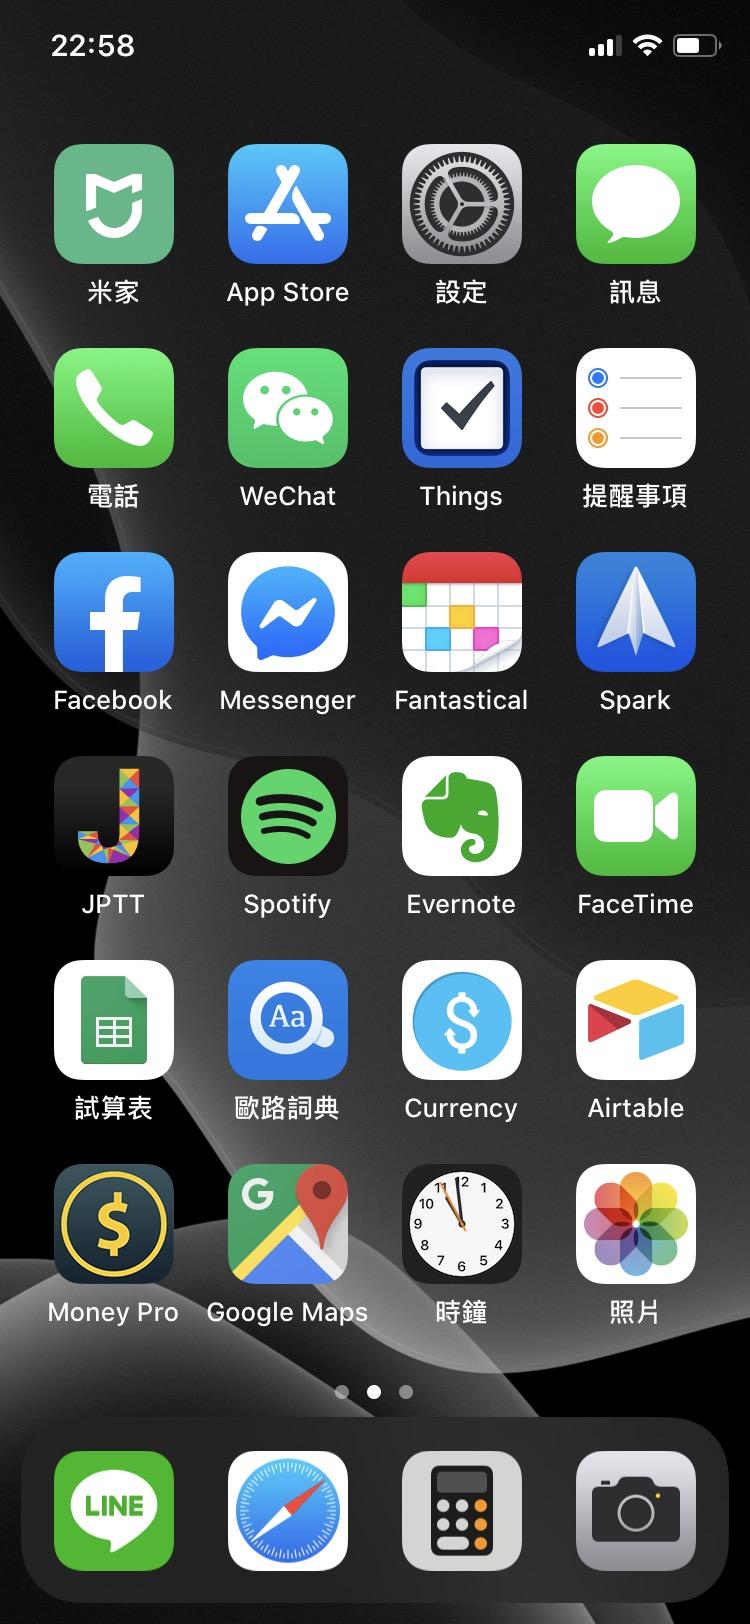 我的 iPhone 第一頁畫面